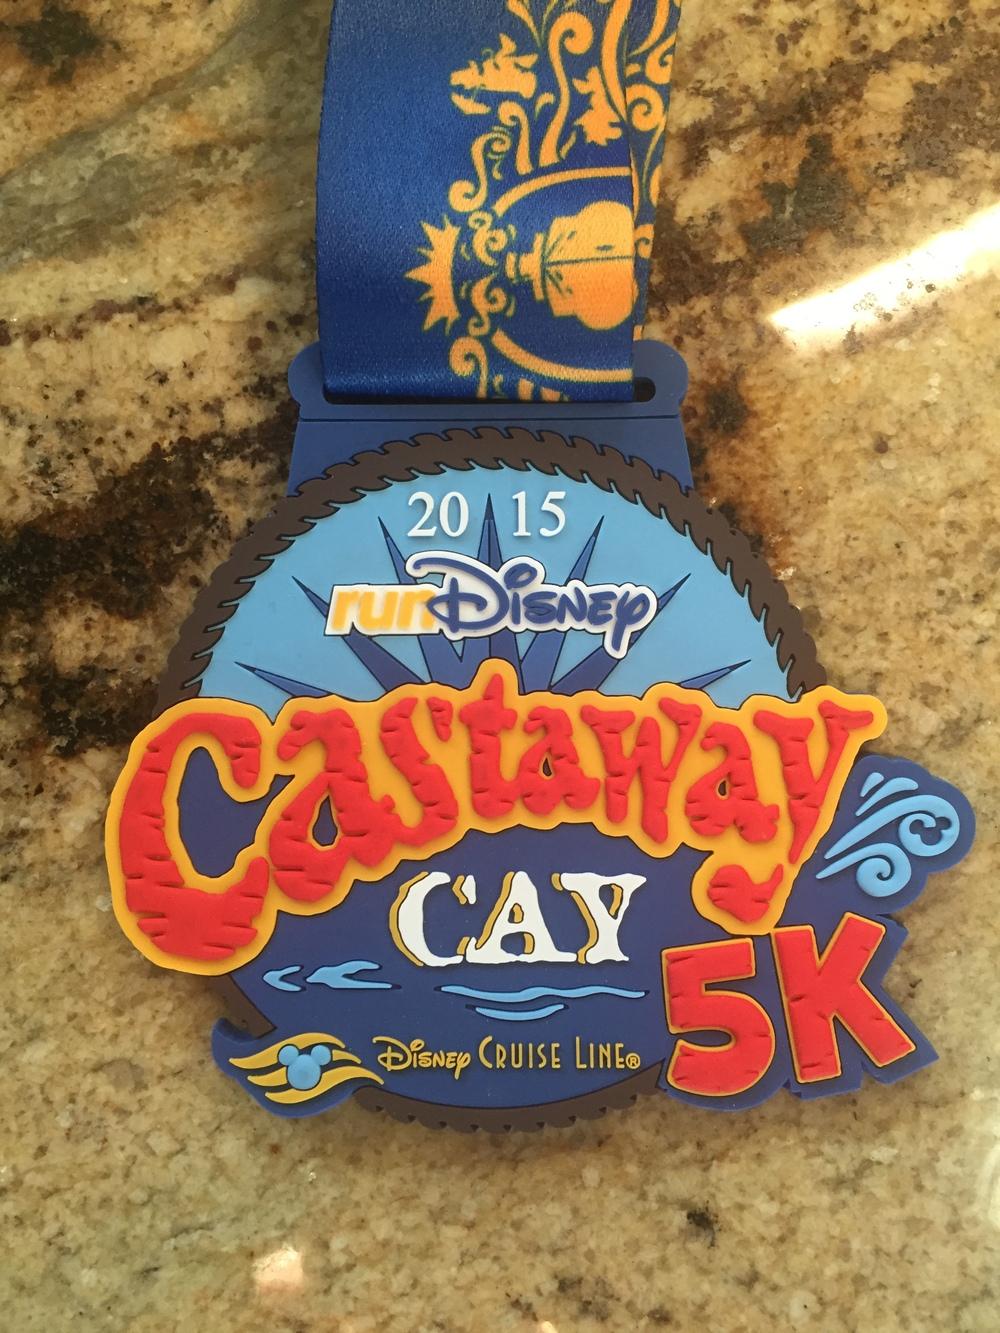 Castaway 5K